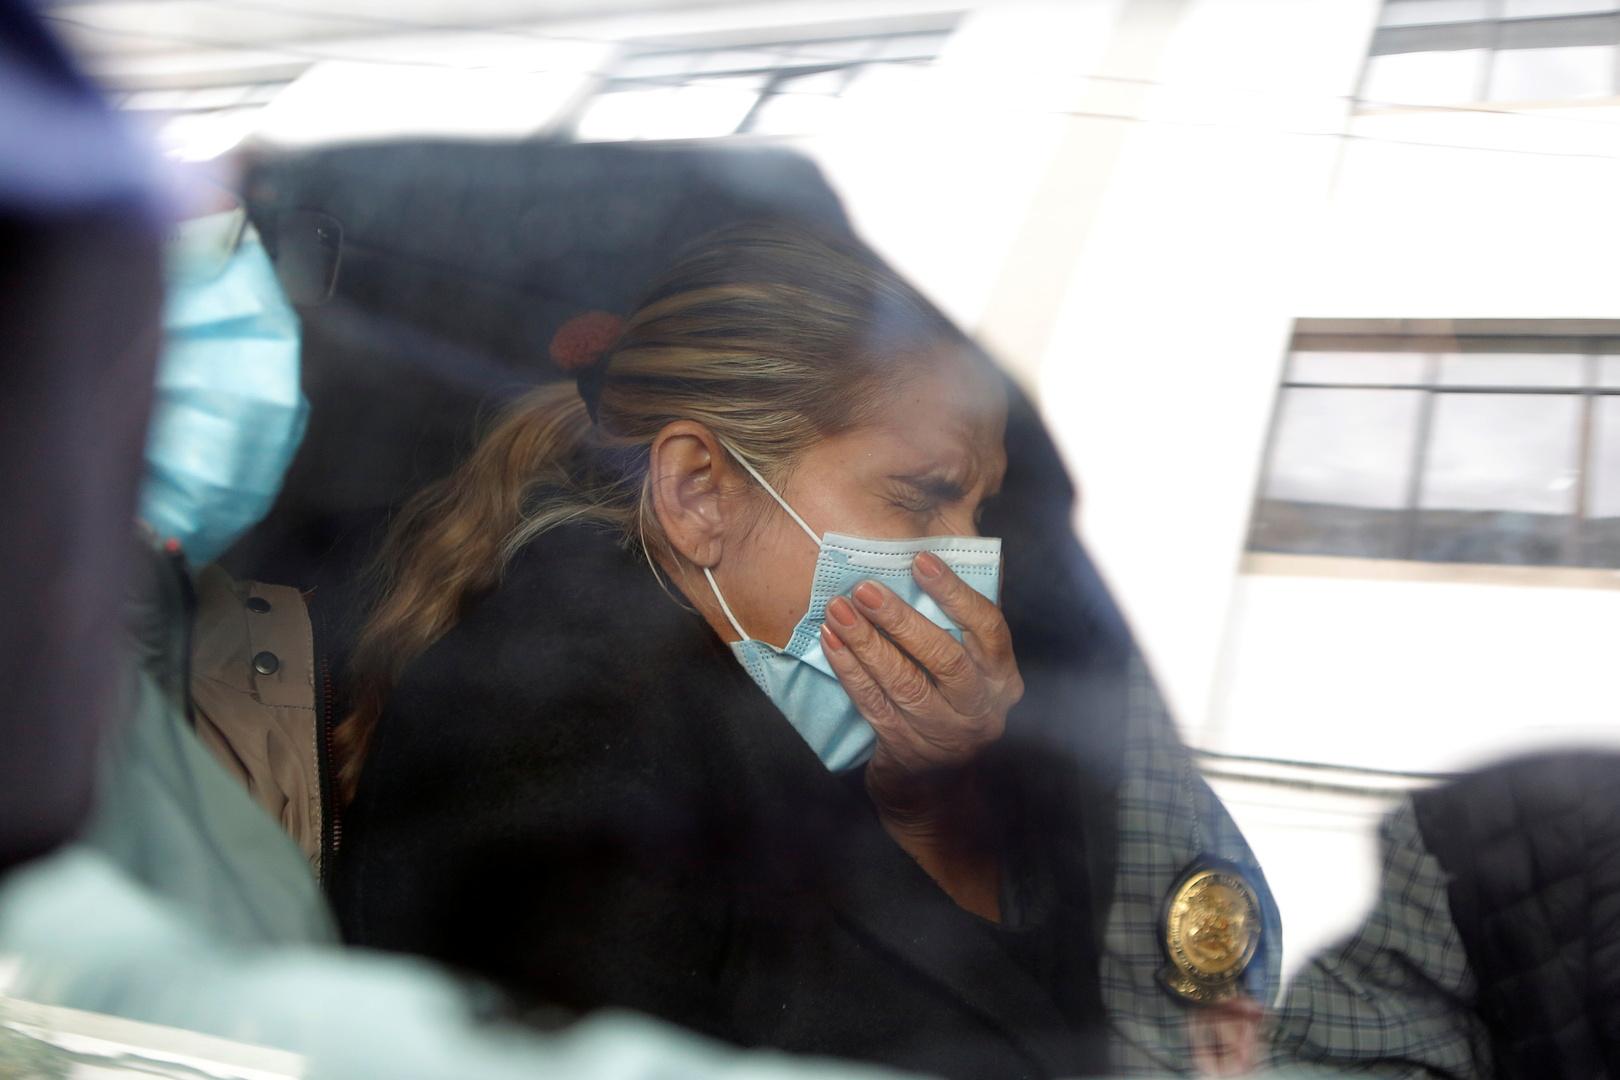 النيابة البوليفية تطالب بالسجن 6 أشهر للرئيسة الانتقالية السابقة للبلاد